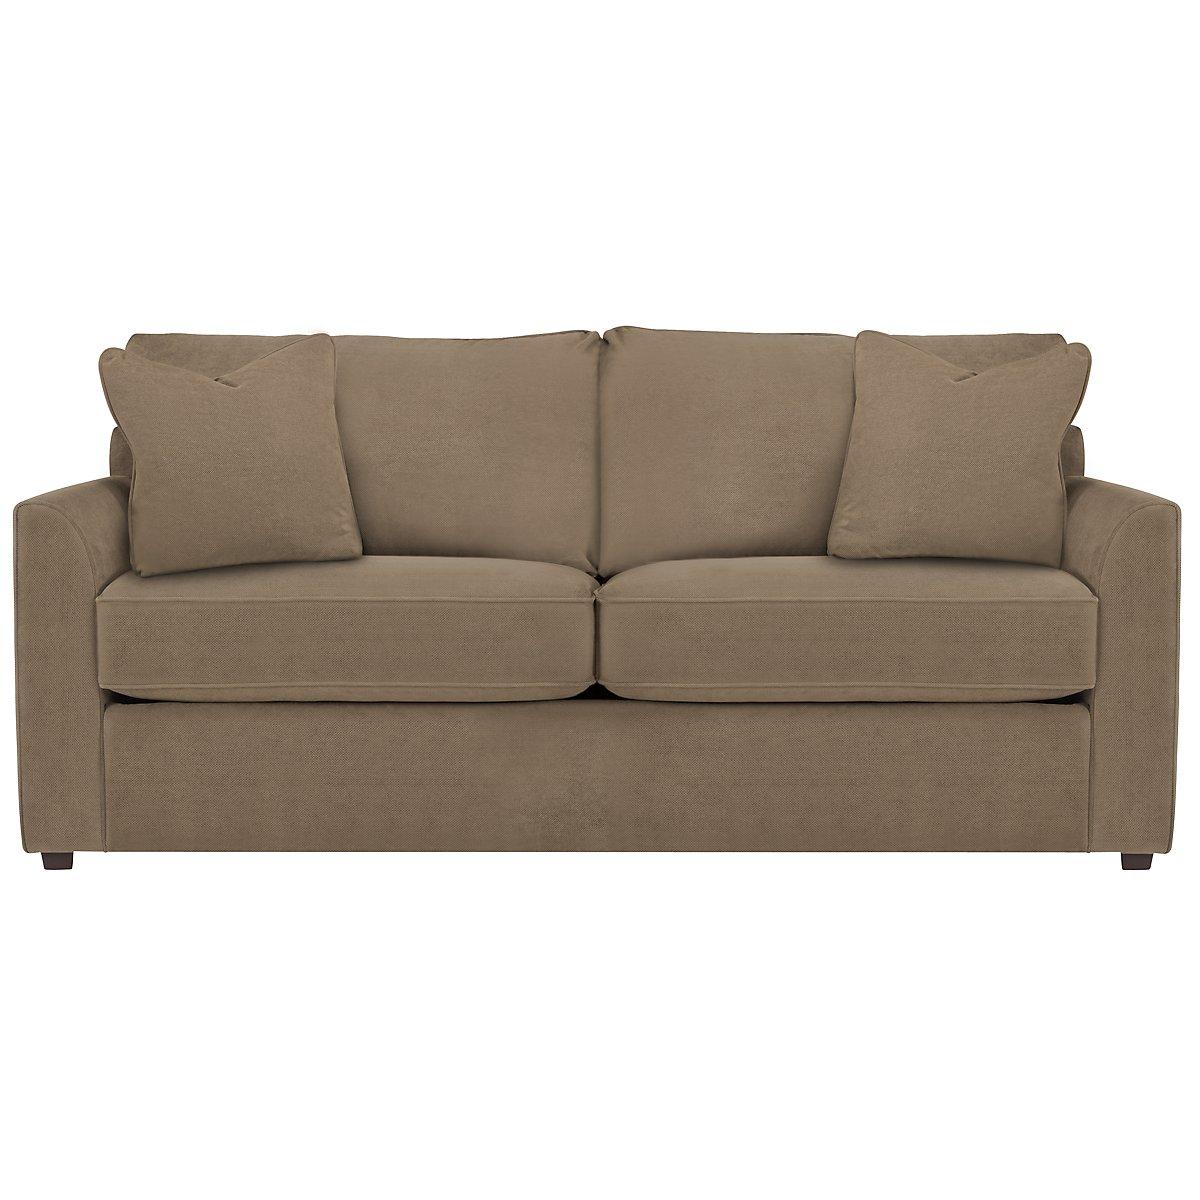 Express3 Light Brown Microfiber Sofa